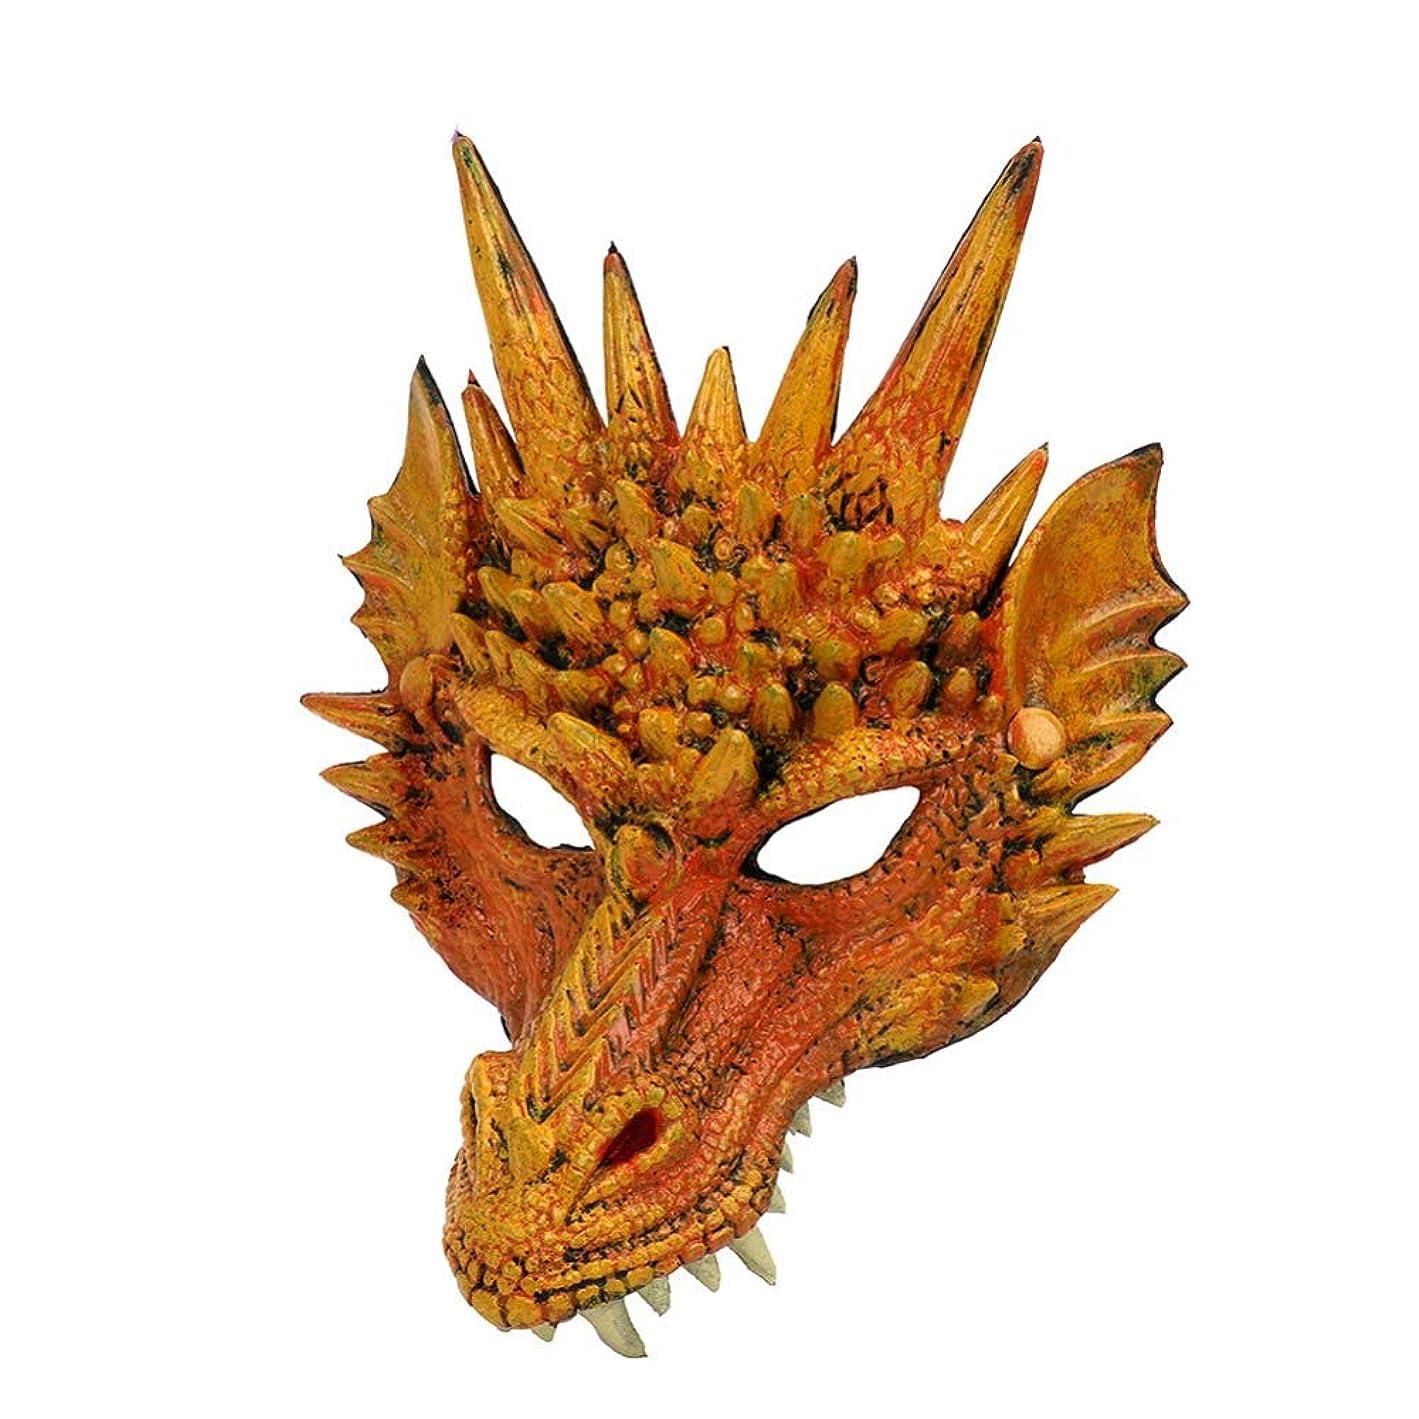 レーザ動的果てしないEsolom 4Dドラゴンマスク ハーフマスク 10代の子供のためのハロウィンコスチューム パーティーの装飾 テーマパーティー用品 ドラゴンコスプレ小道具